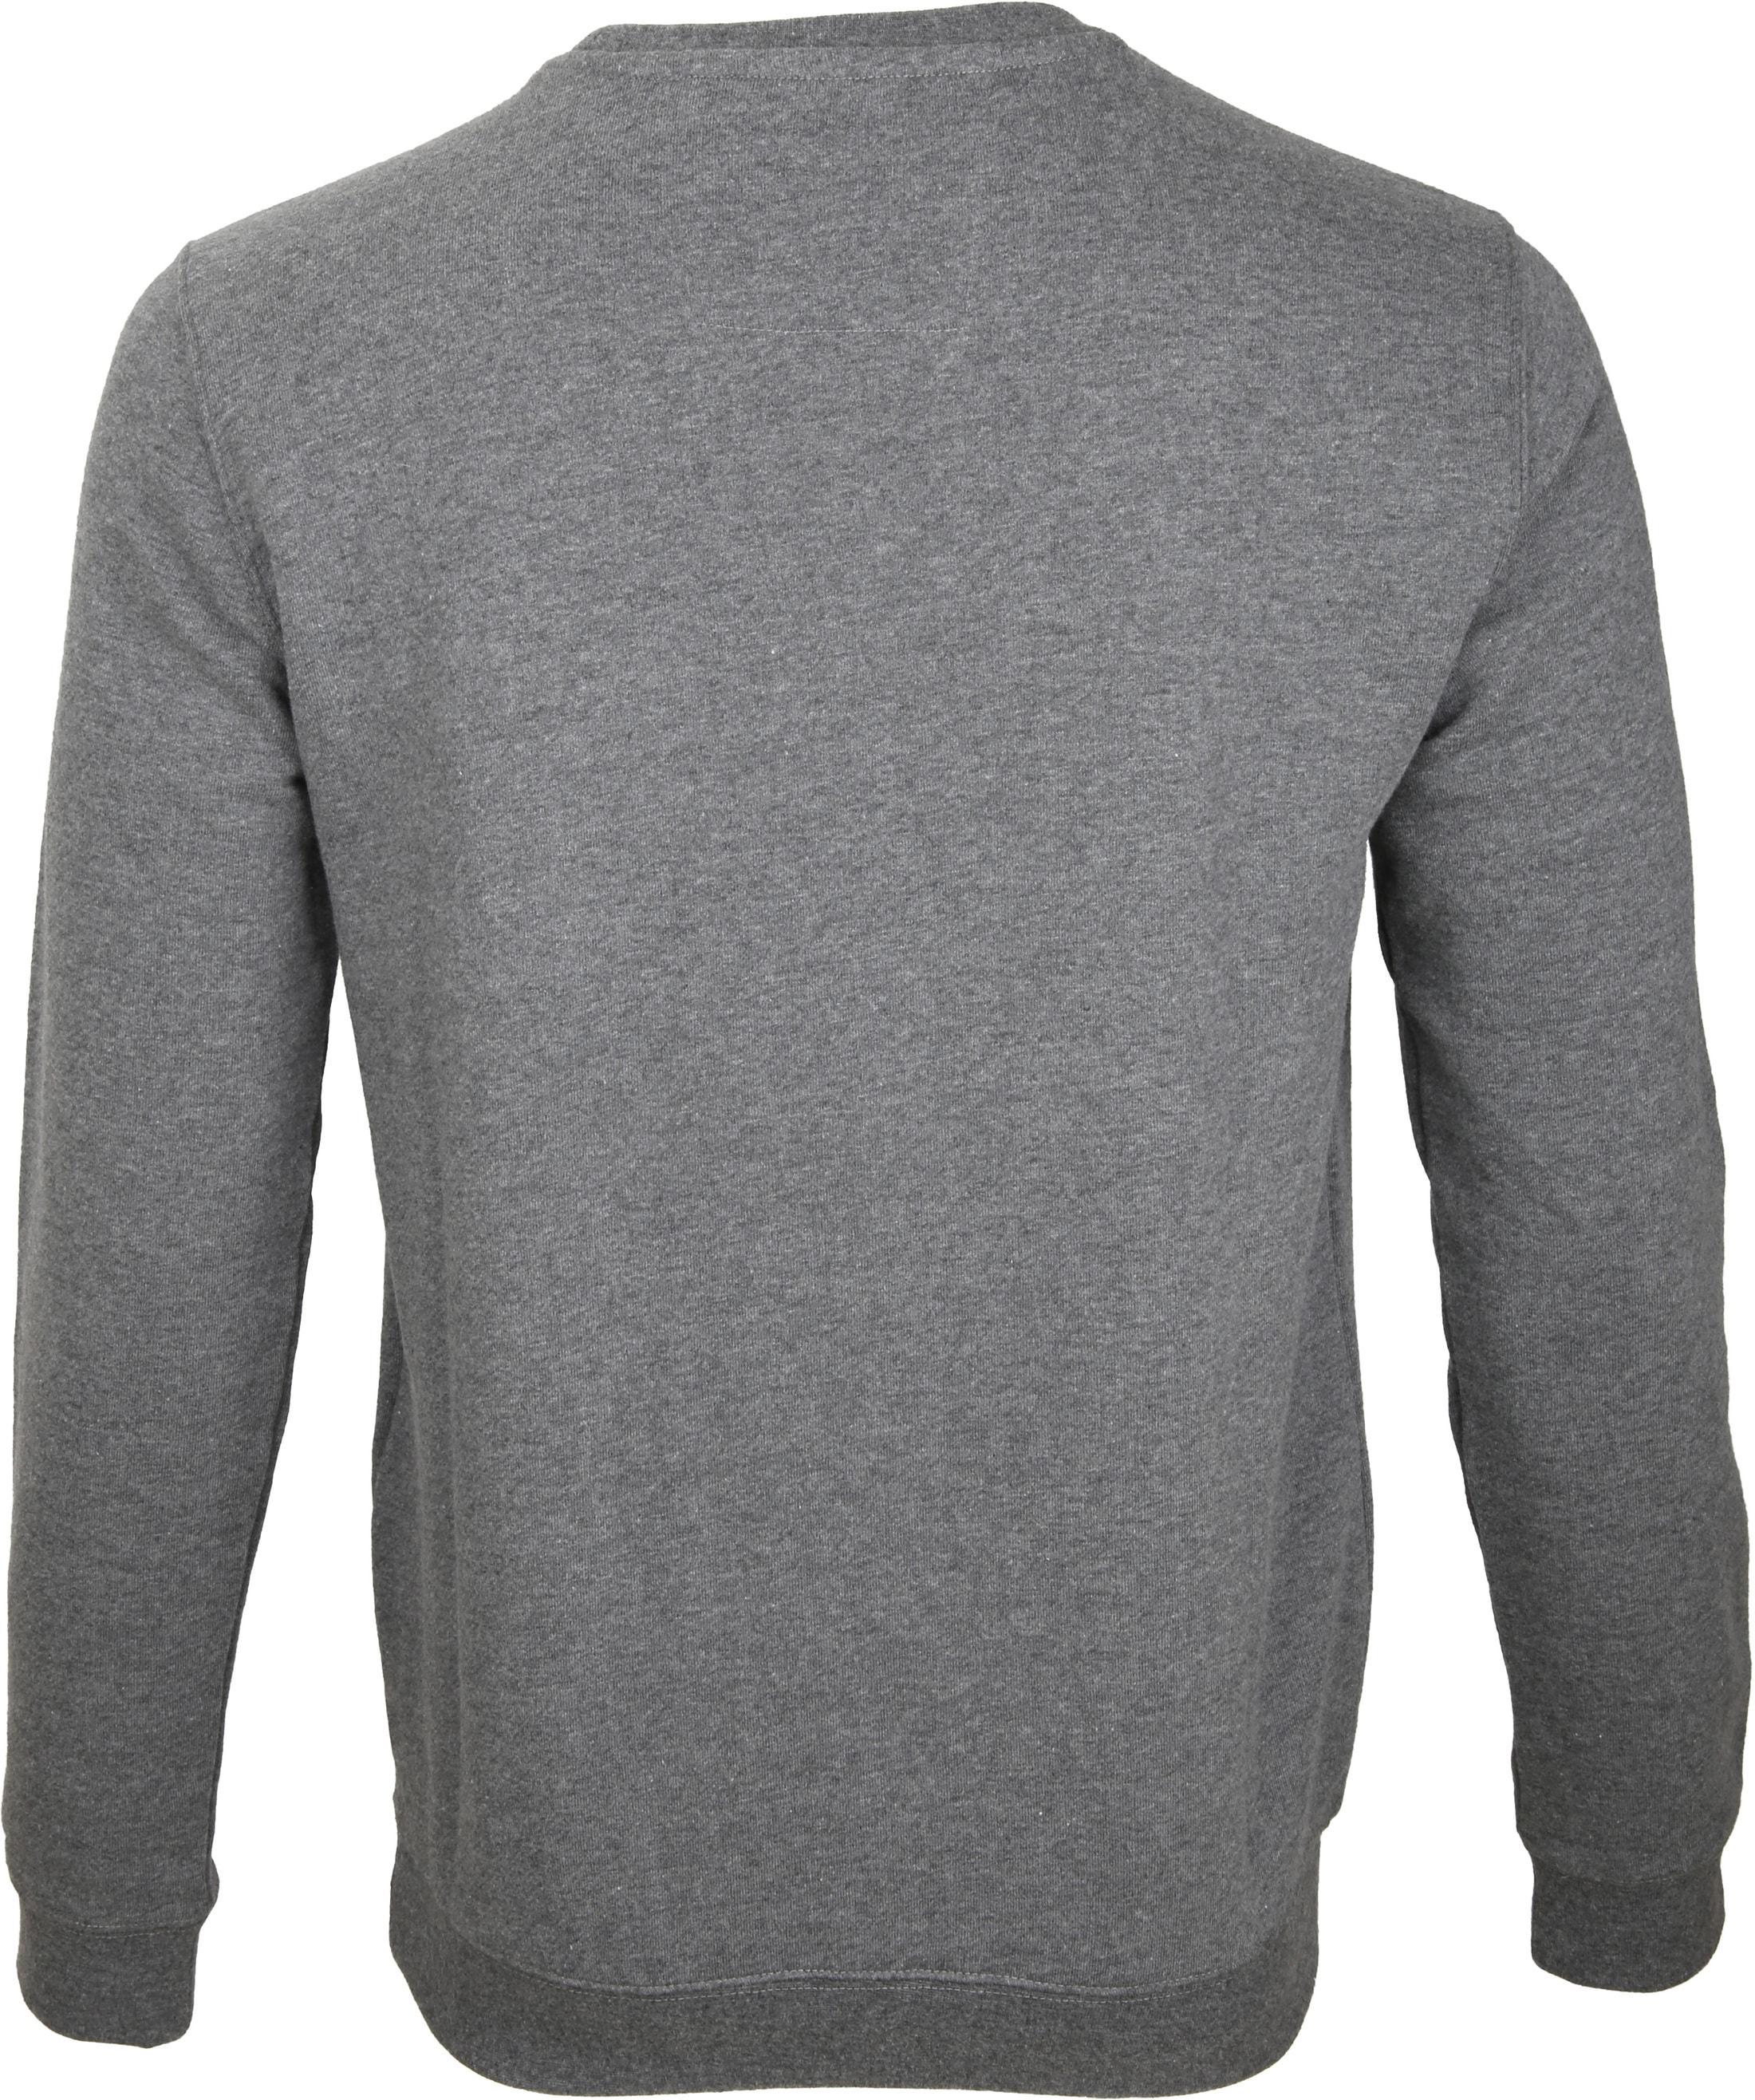 NZA Sweater Grijs Print foto 3